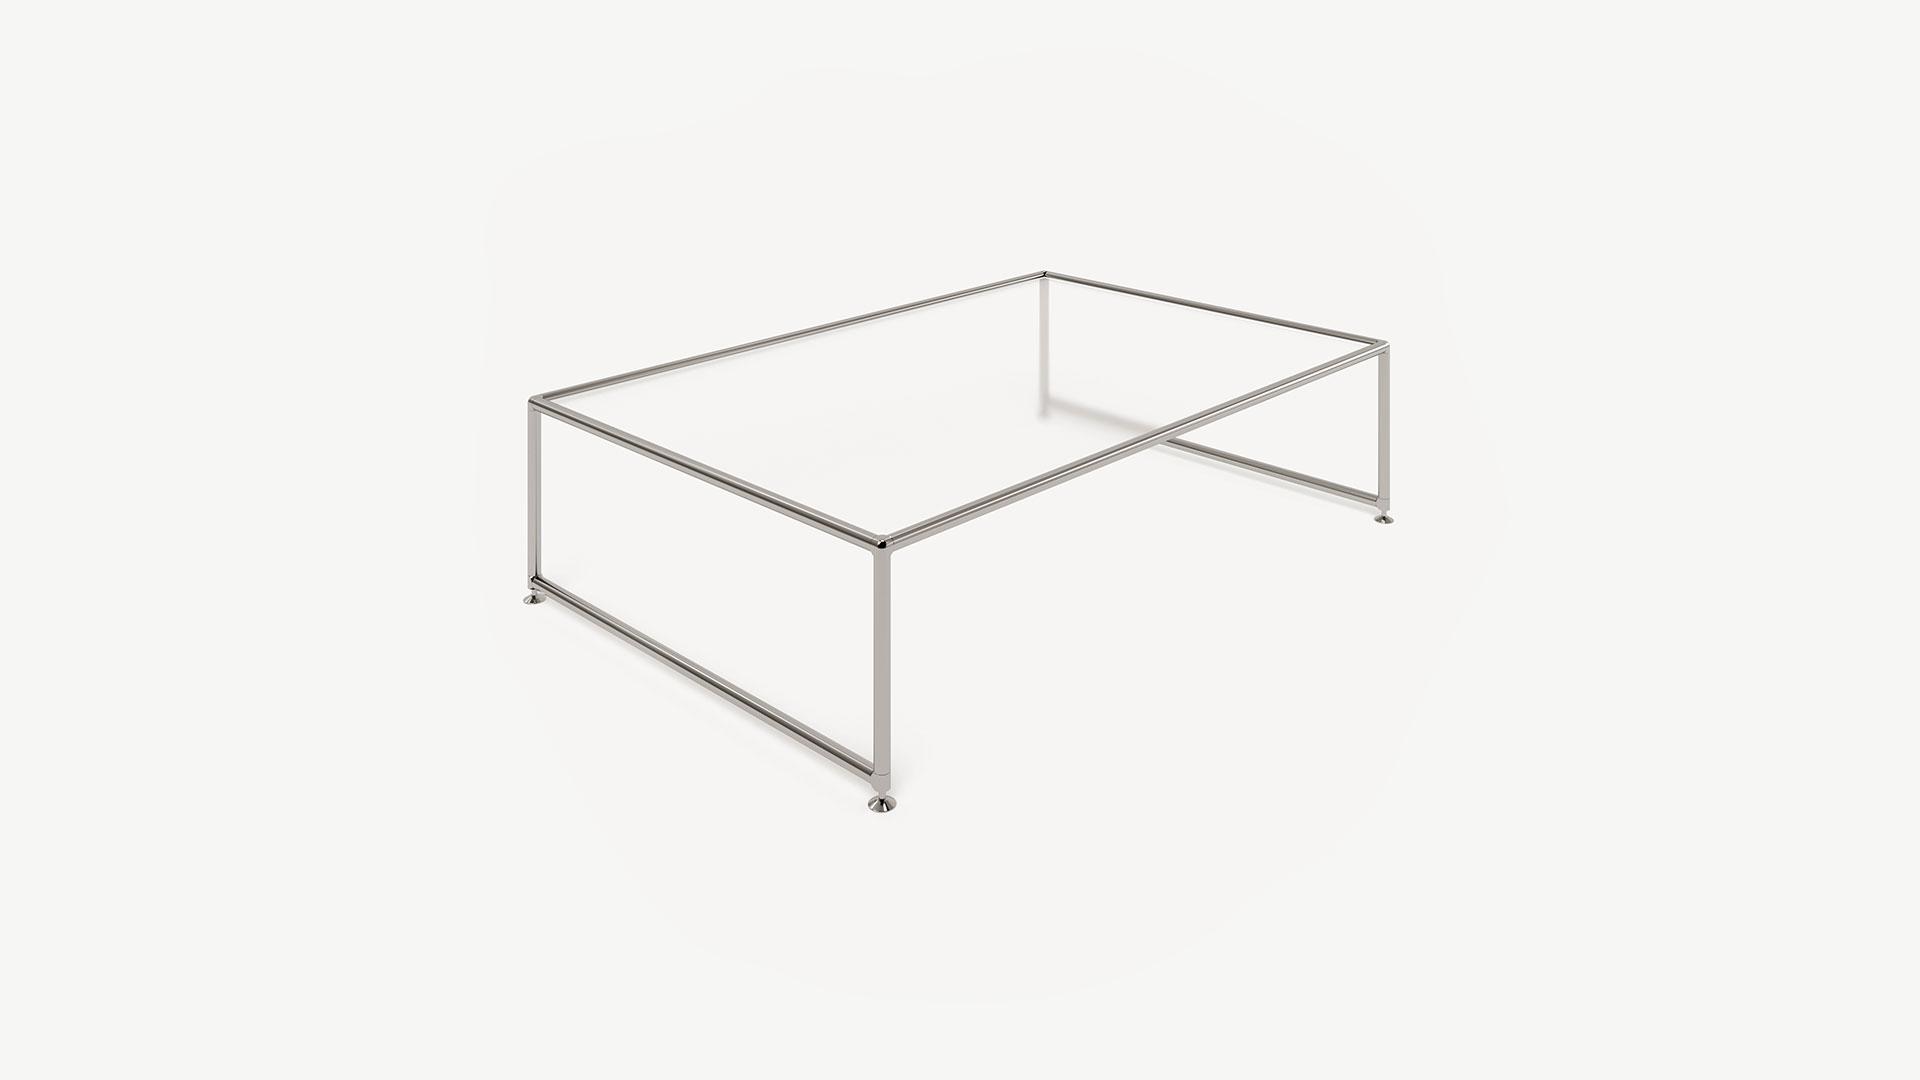 Tisch Beistelltisch rechteckig groß - BOSSE